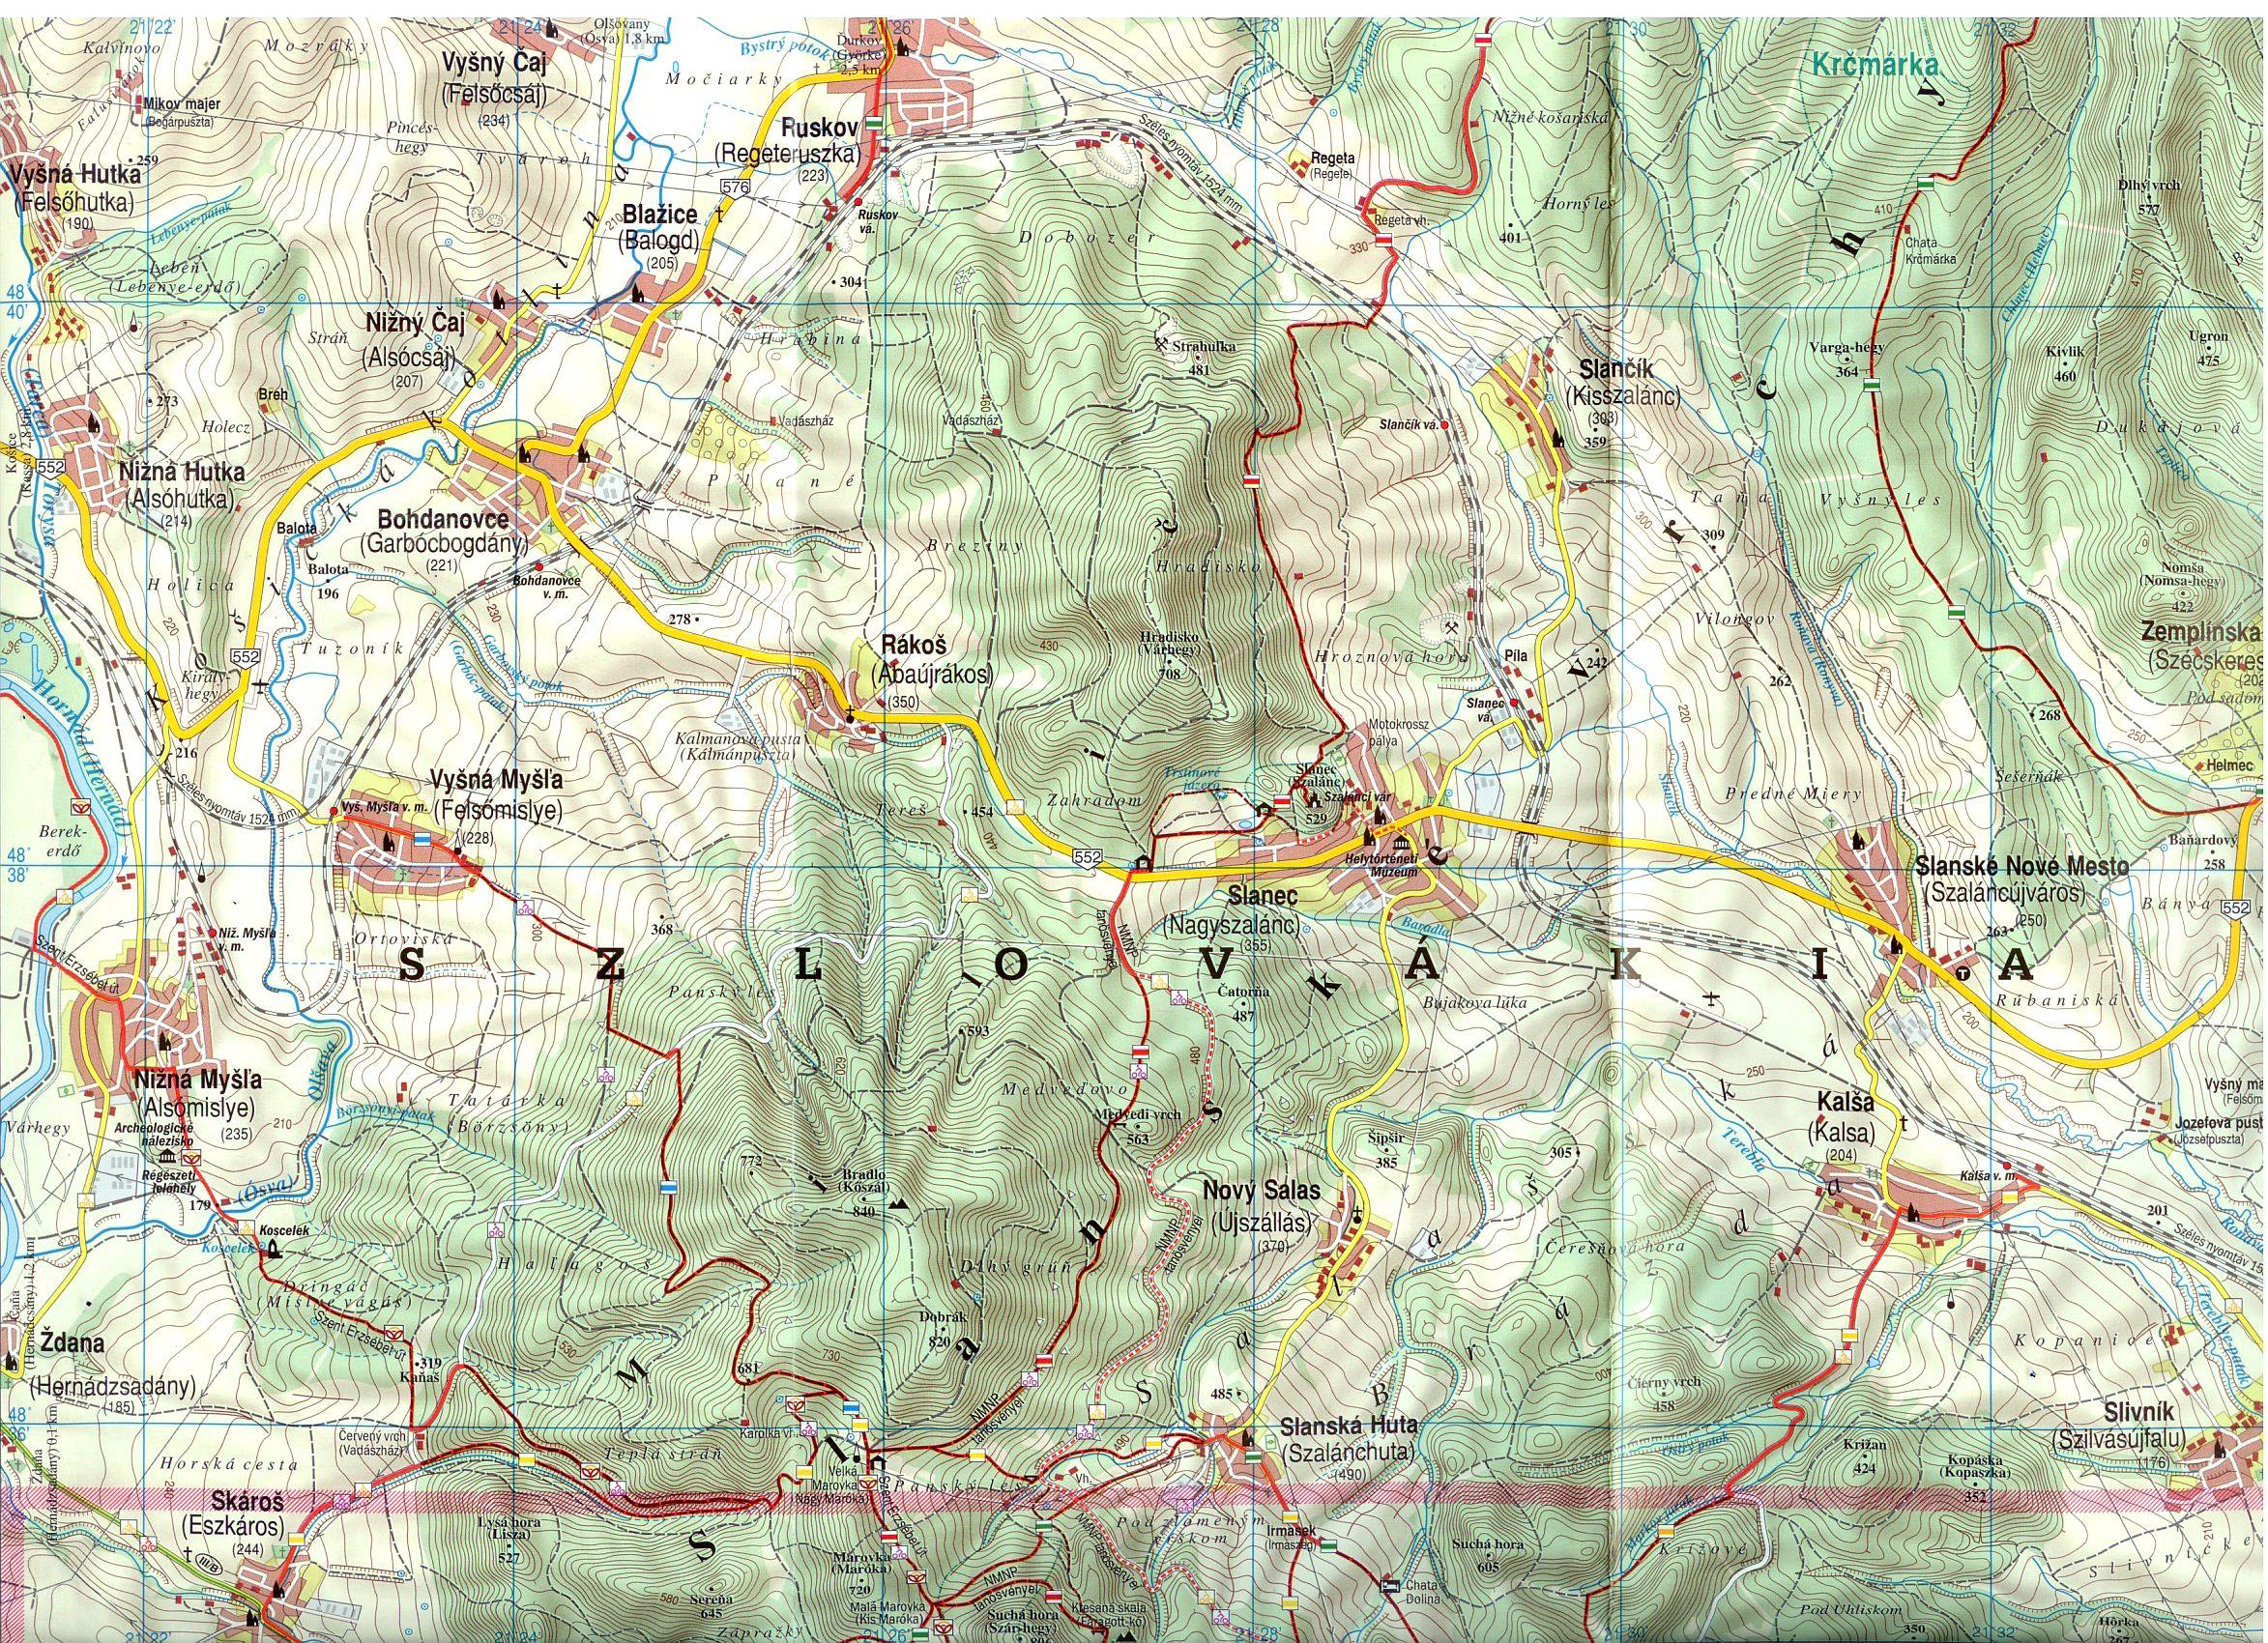 Zempléni-hegység 1:50.000 minta kivágat (szlovák rész)